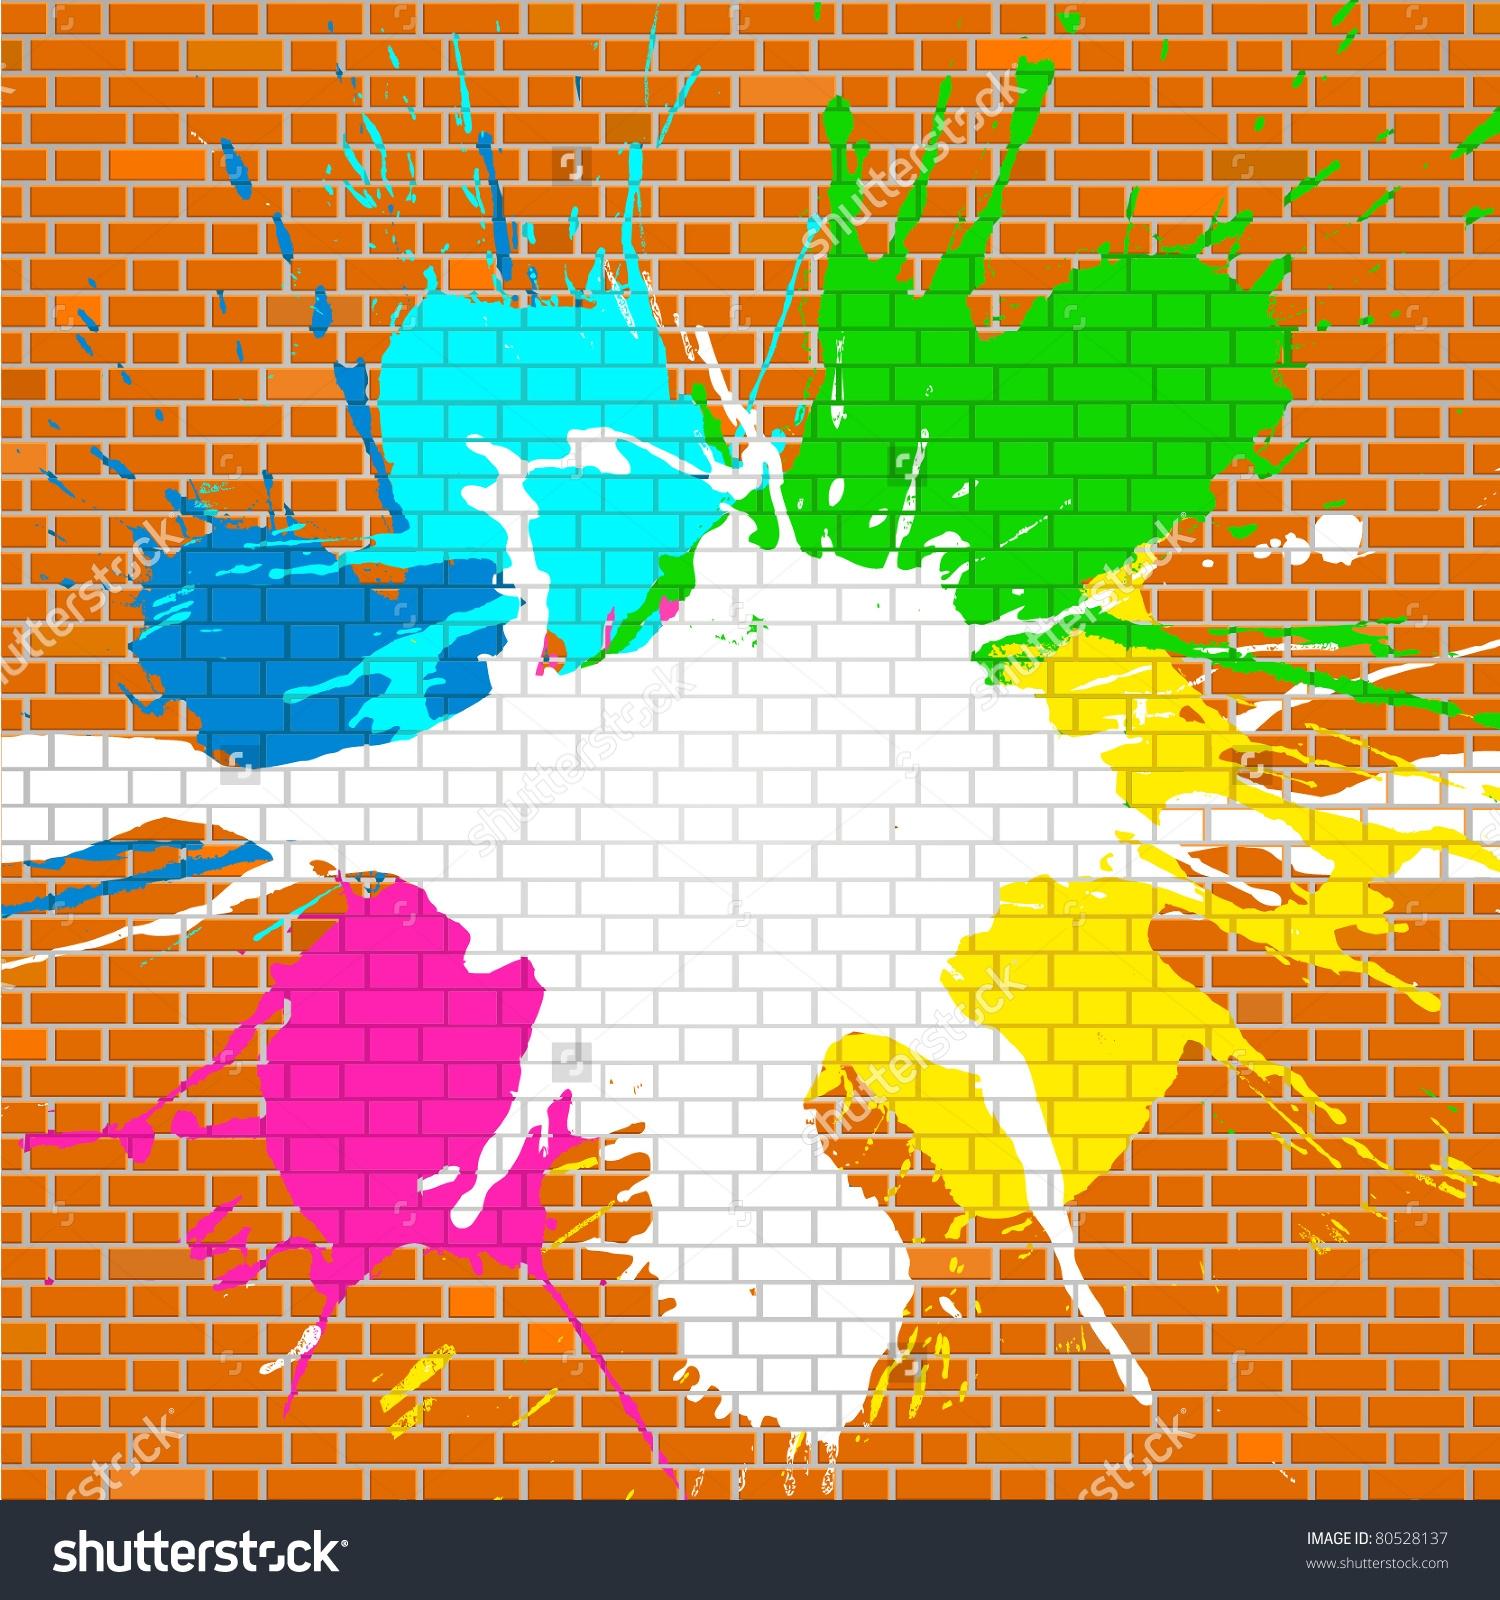 Graffiti Clip Art On Walls.